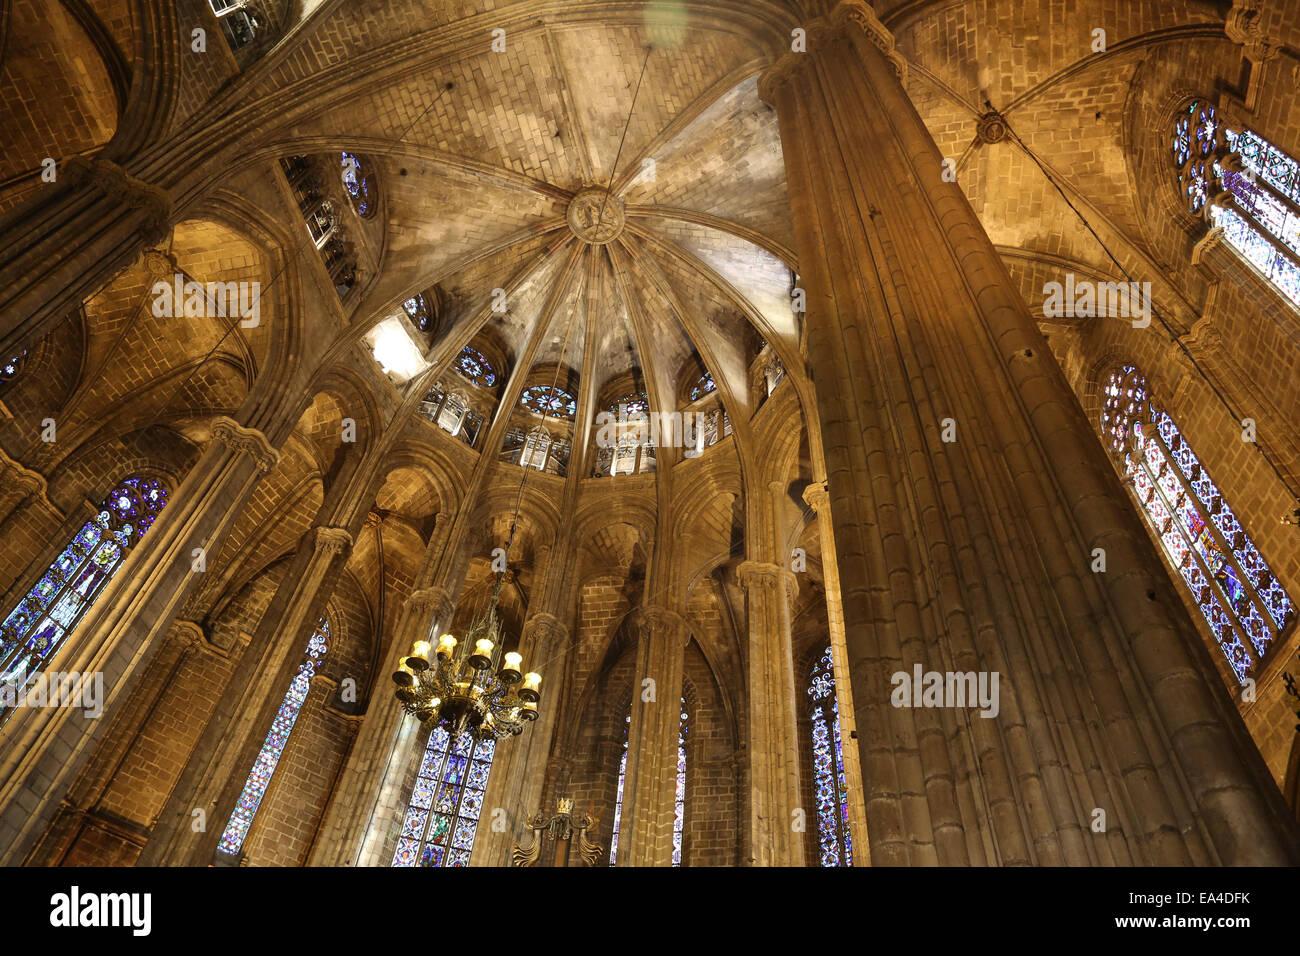 L'Espagne. La Catalogne. La Cathédrale de Barcelone. À l'intérieur. Abside. 13e siècle. Photo Stock